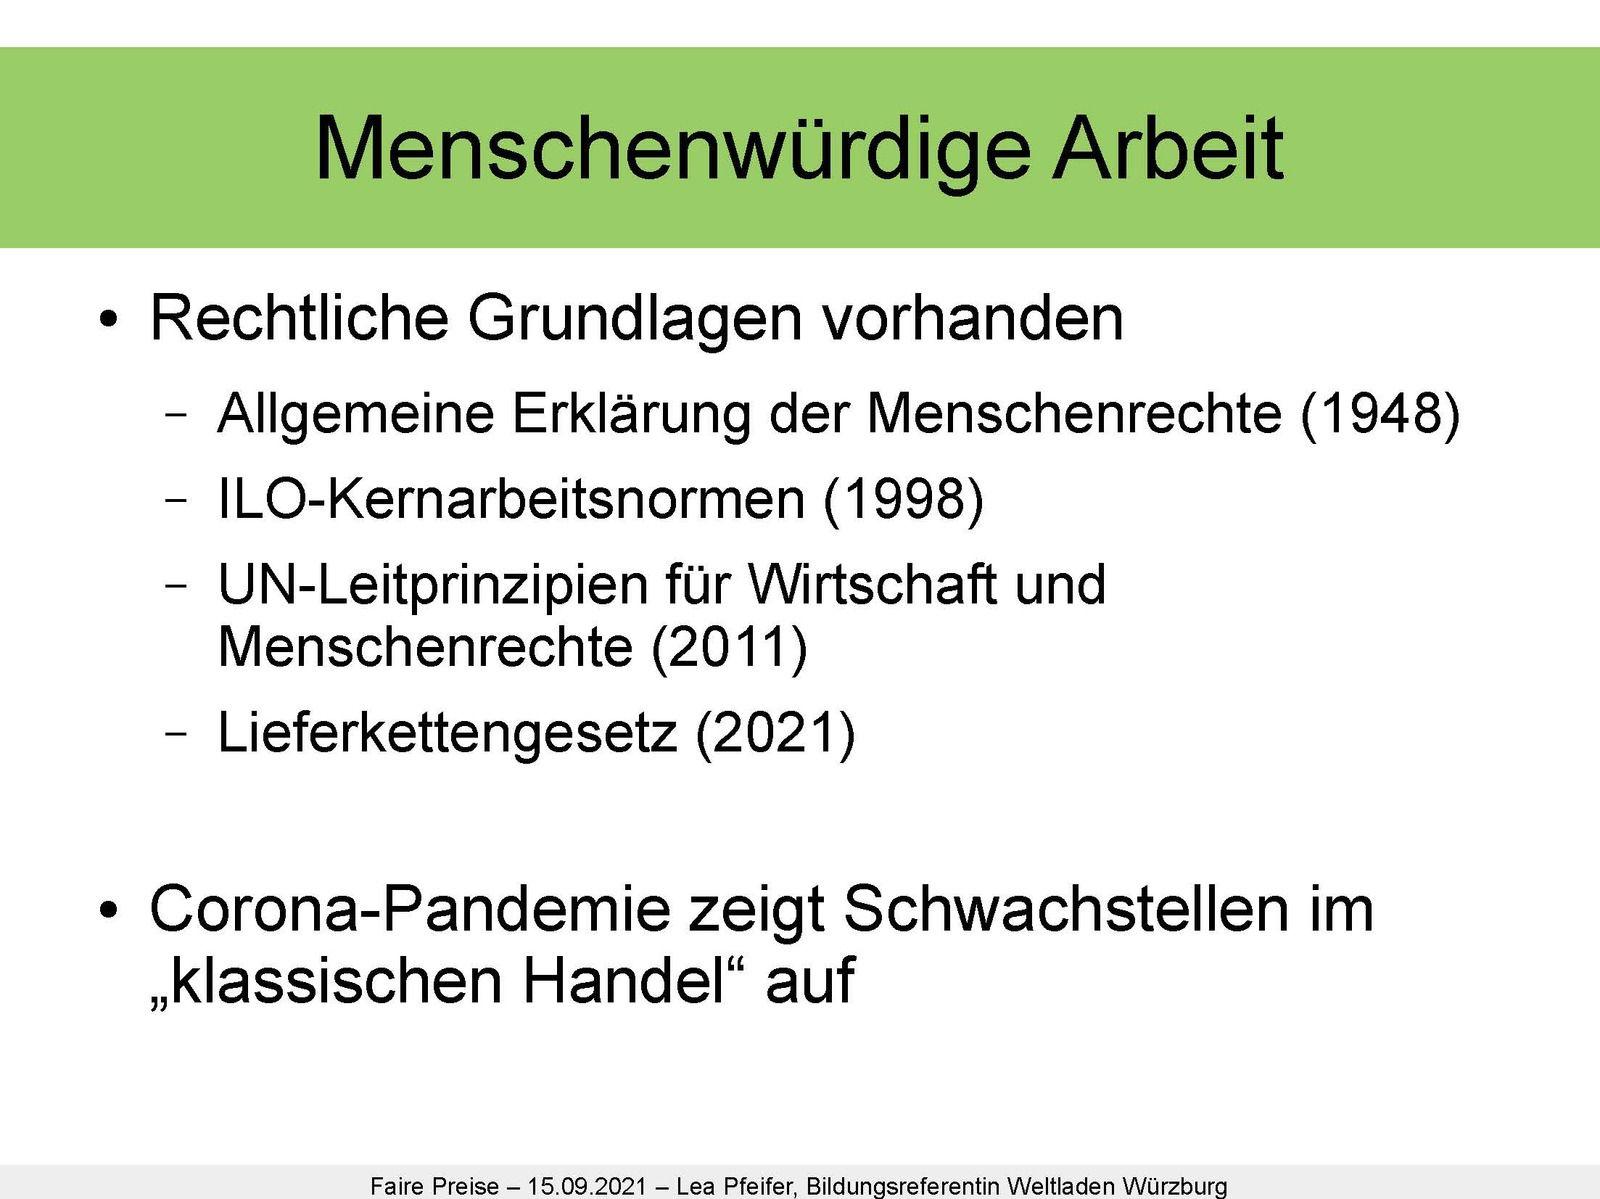 Präsentation des Online-Vortrags bei der Fairen Woche in Veitshöchheim über Bestrebungen von Fairtrade, existenzsichernde Löhne zu ermöglichen